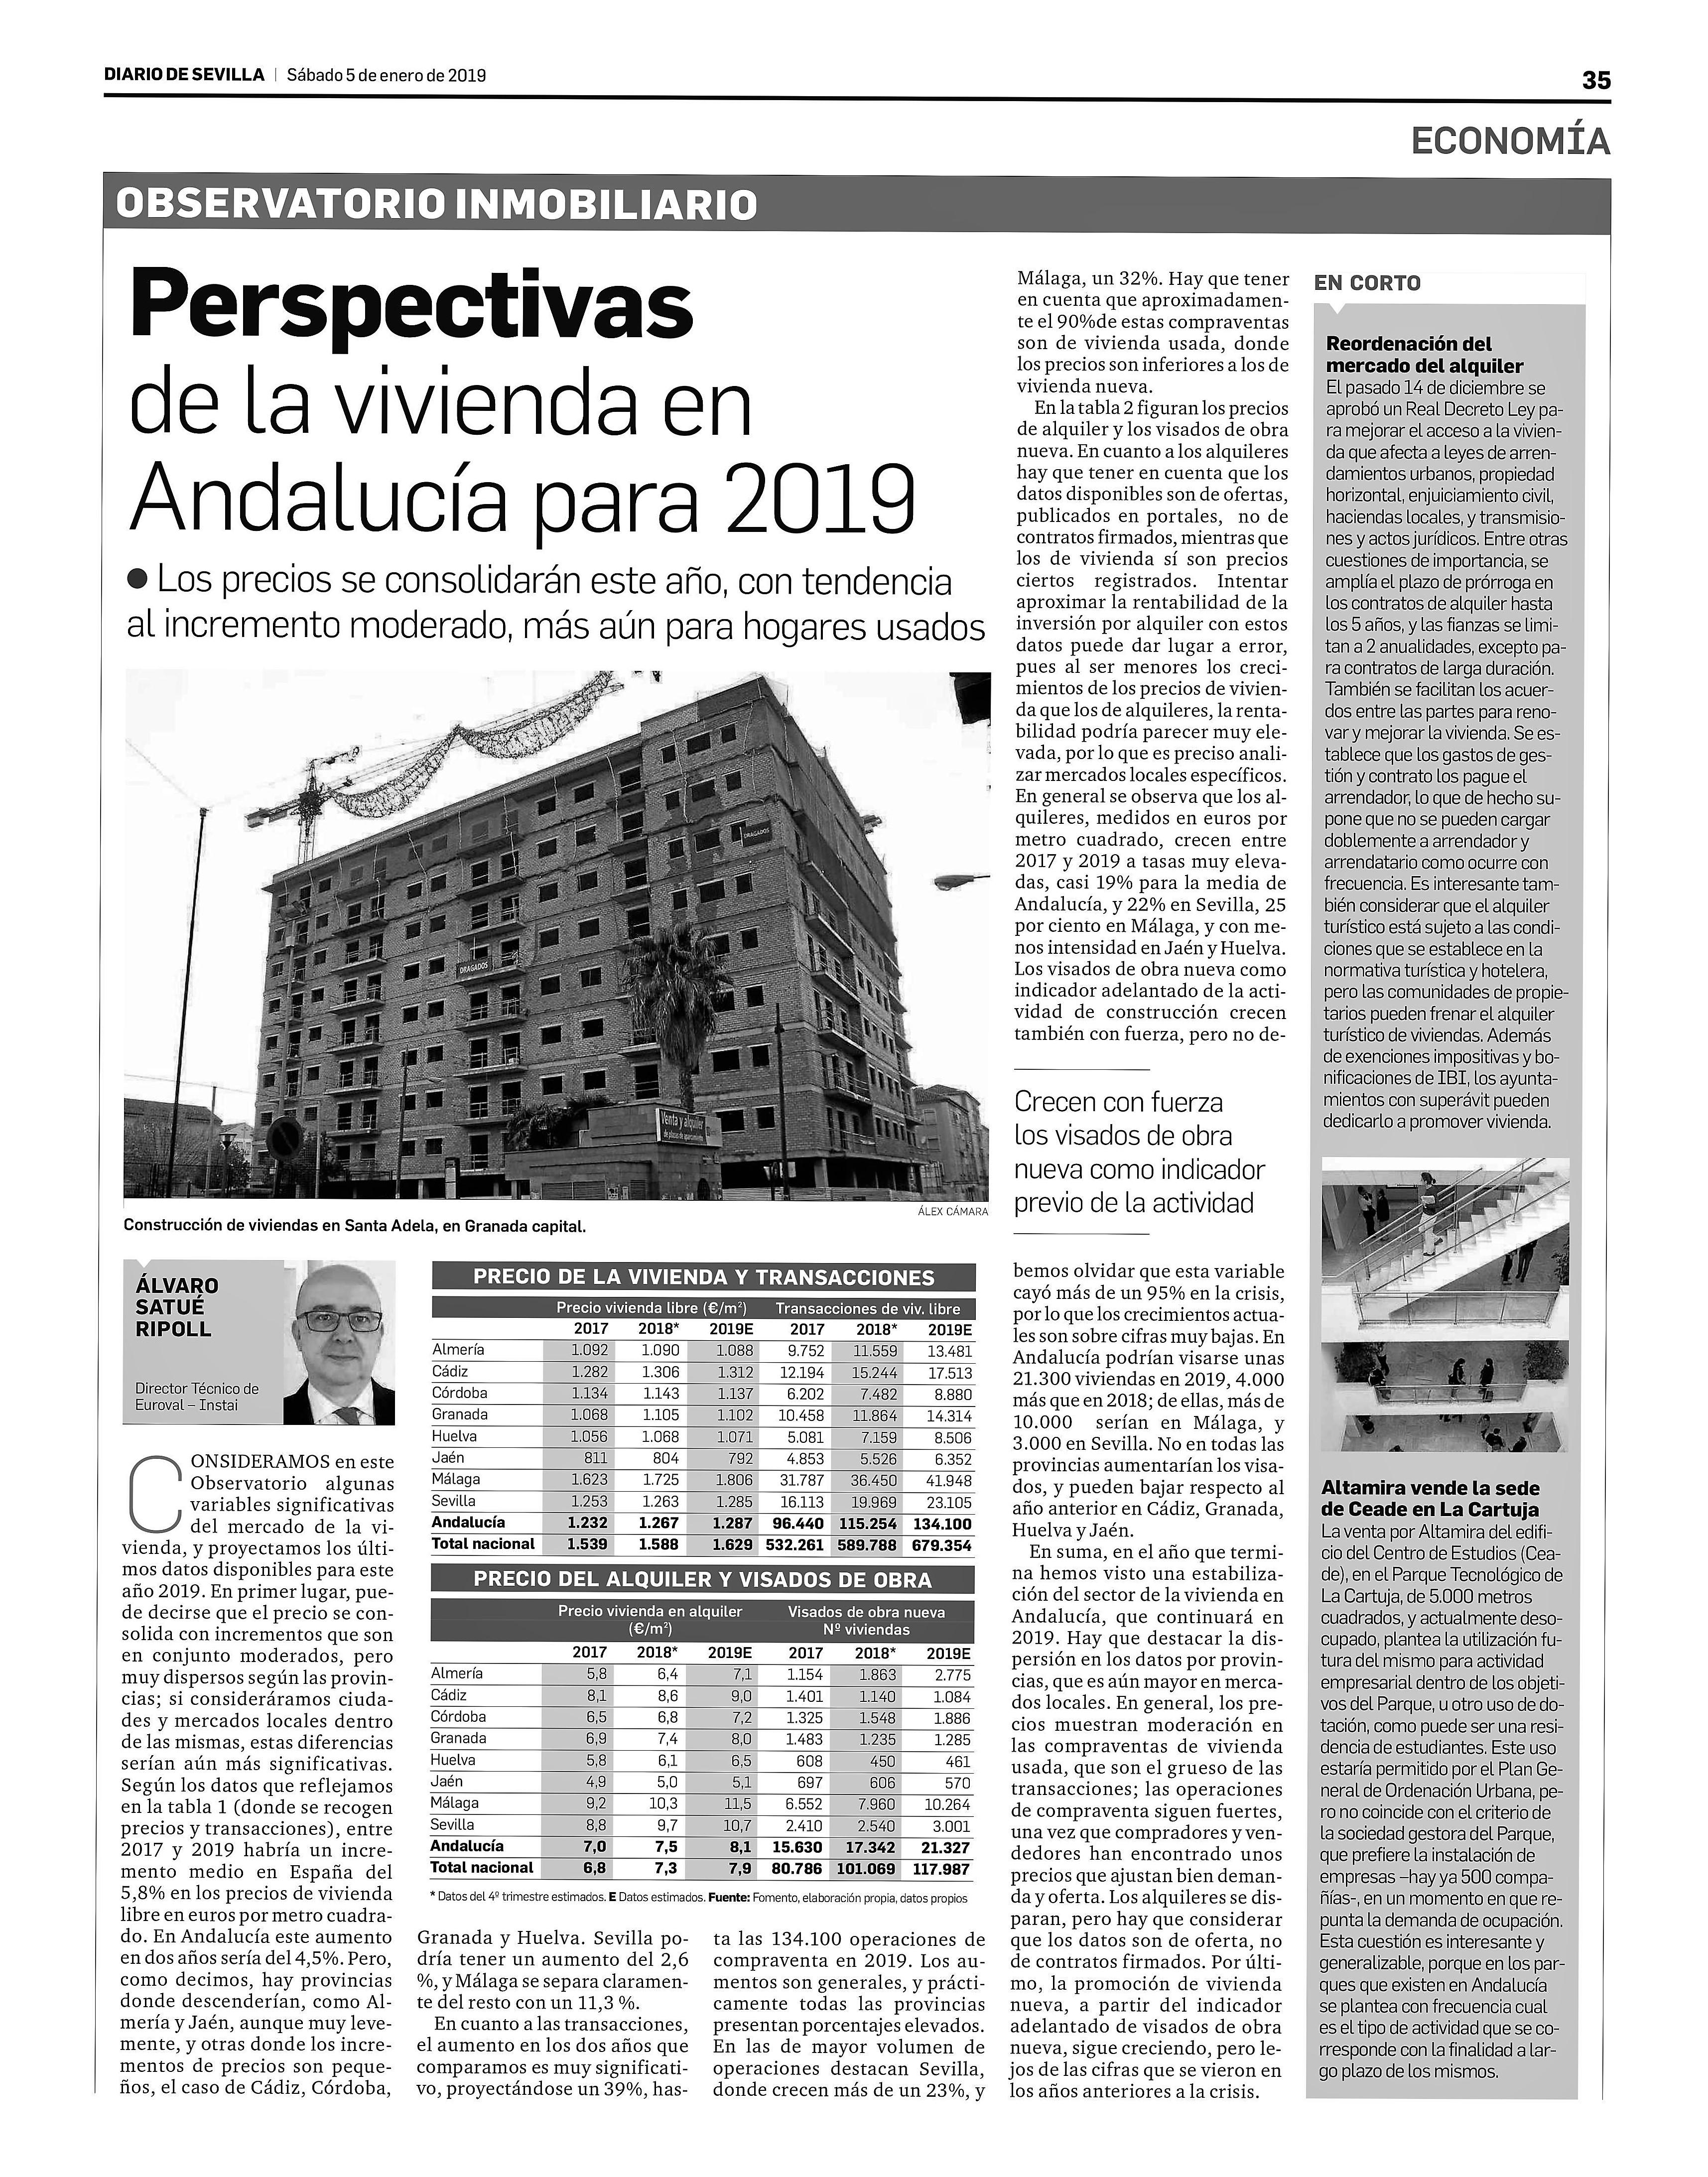 Observatorio Inmobiliario DS 05-01-2018